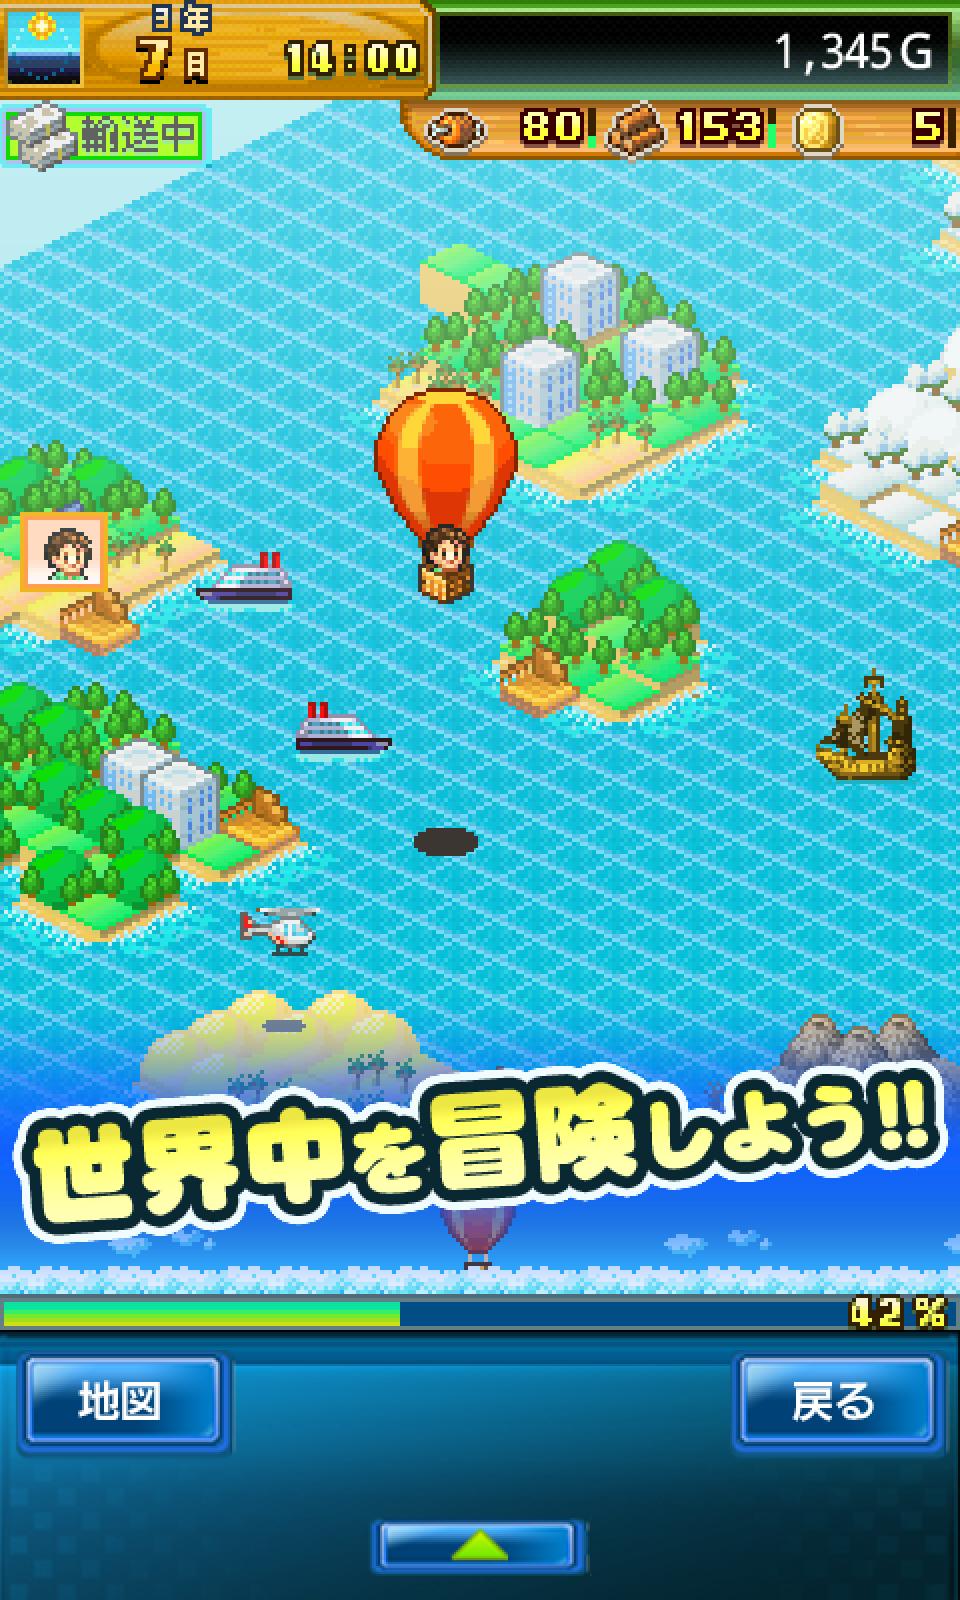 開拓サバイバル島 screenshot #22